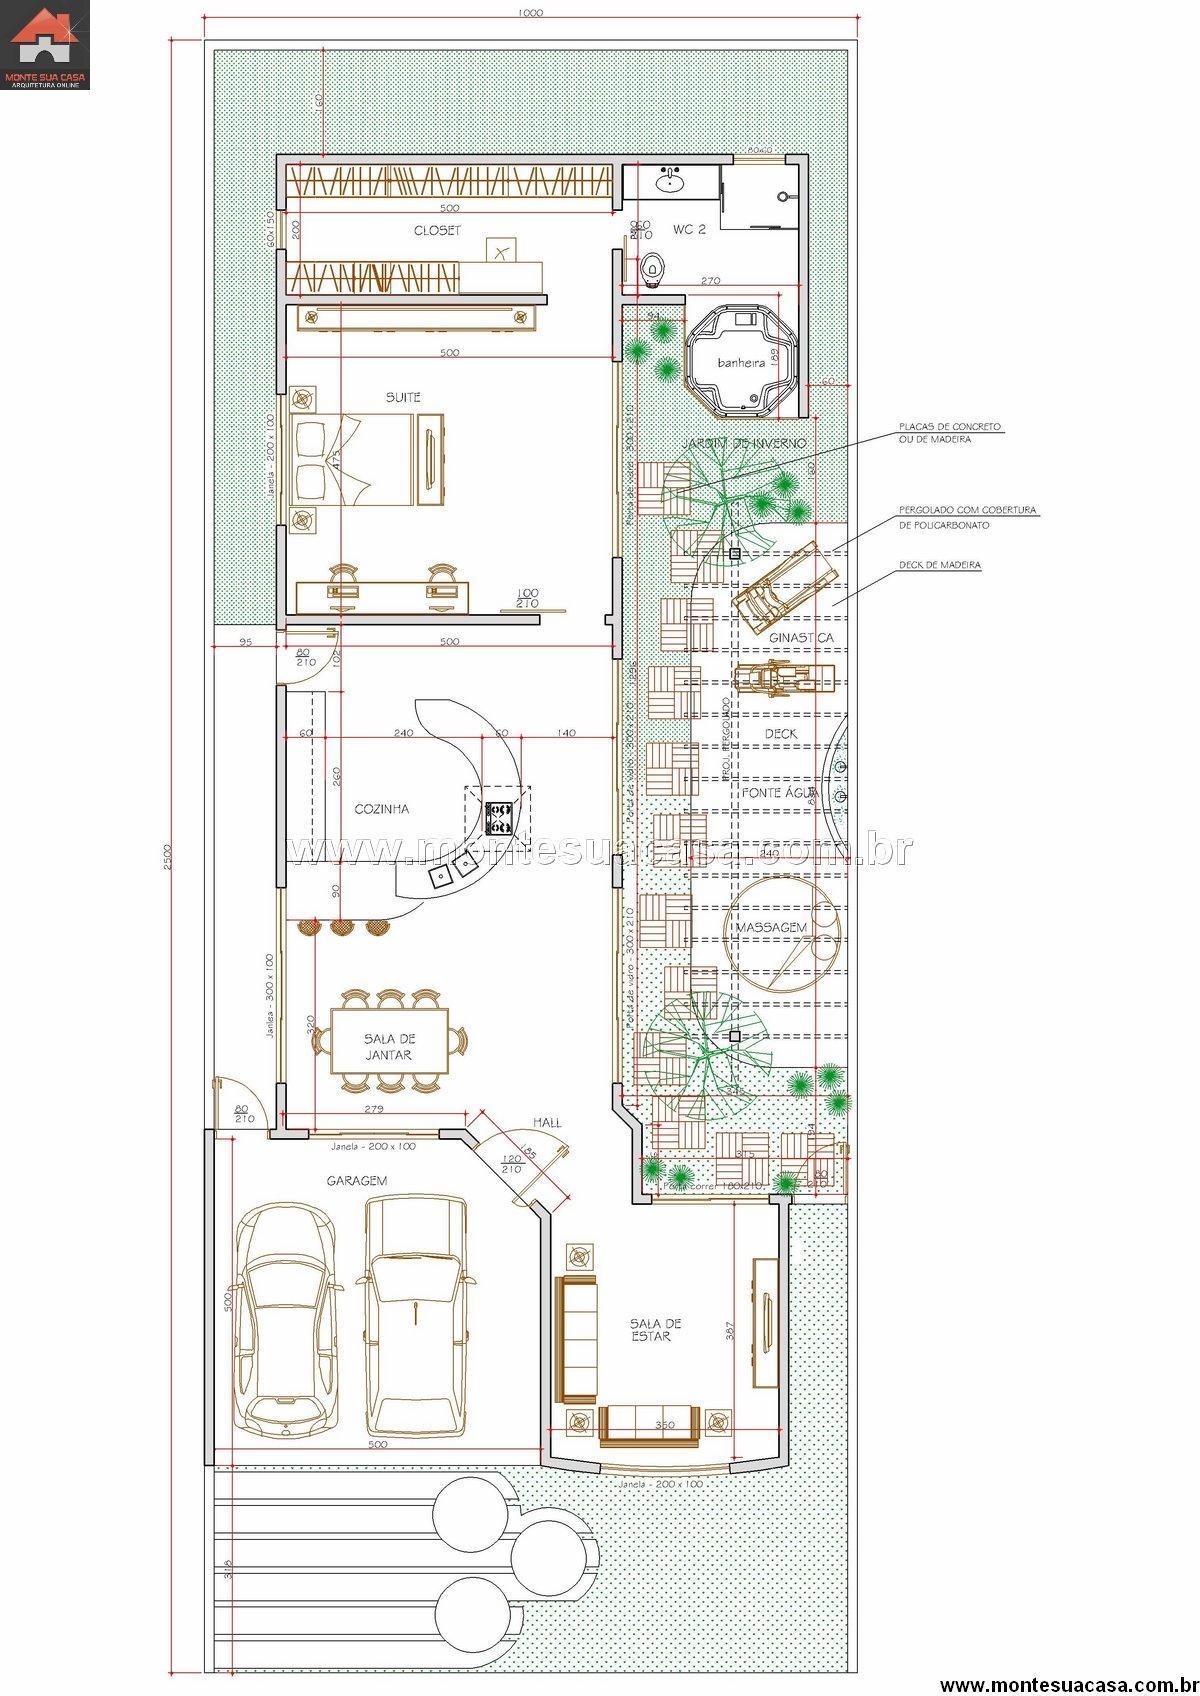 Casa 0 Quartos - 133.12m²